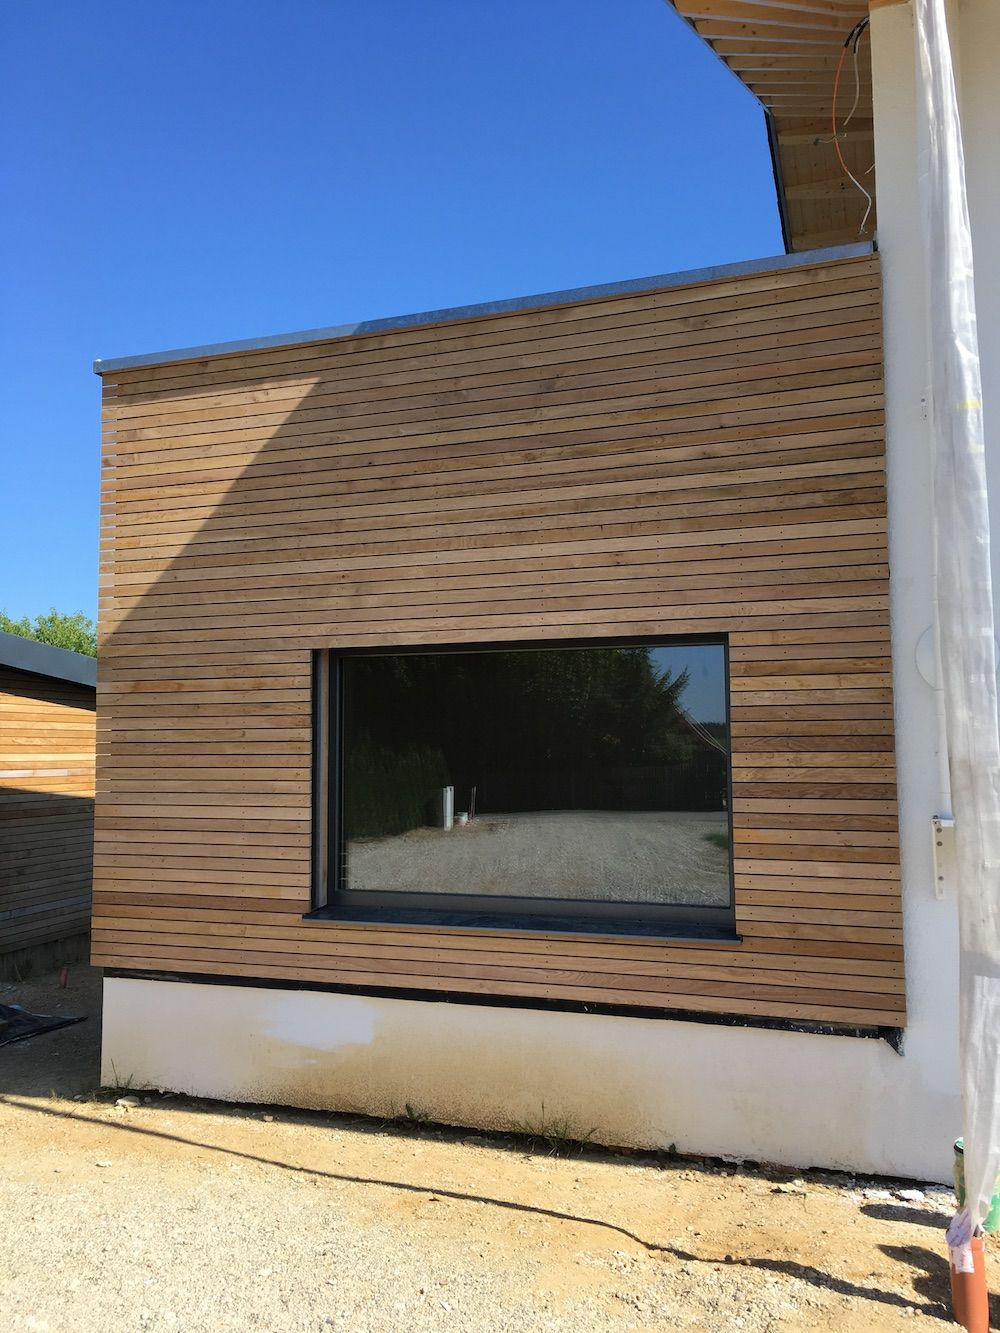 Kein Versatz Ganze Langen Rhombusleisten Rhombus Fassade Eiche Holz Fassade